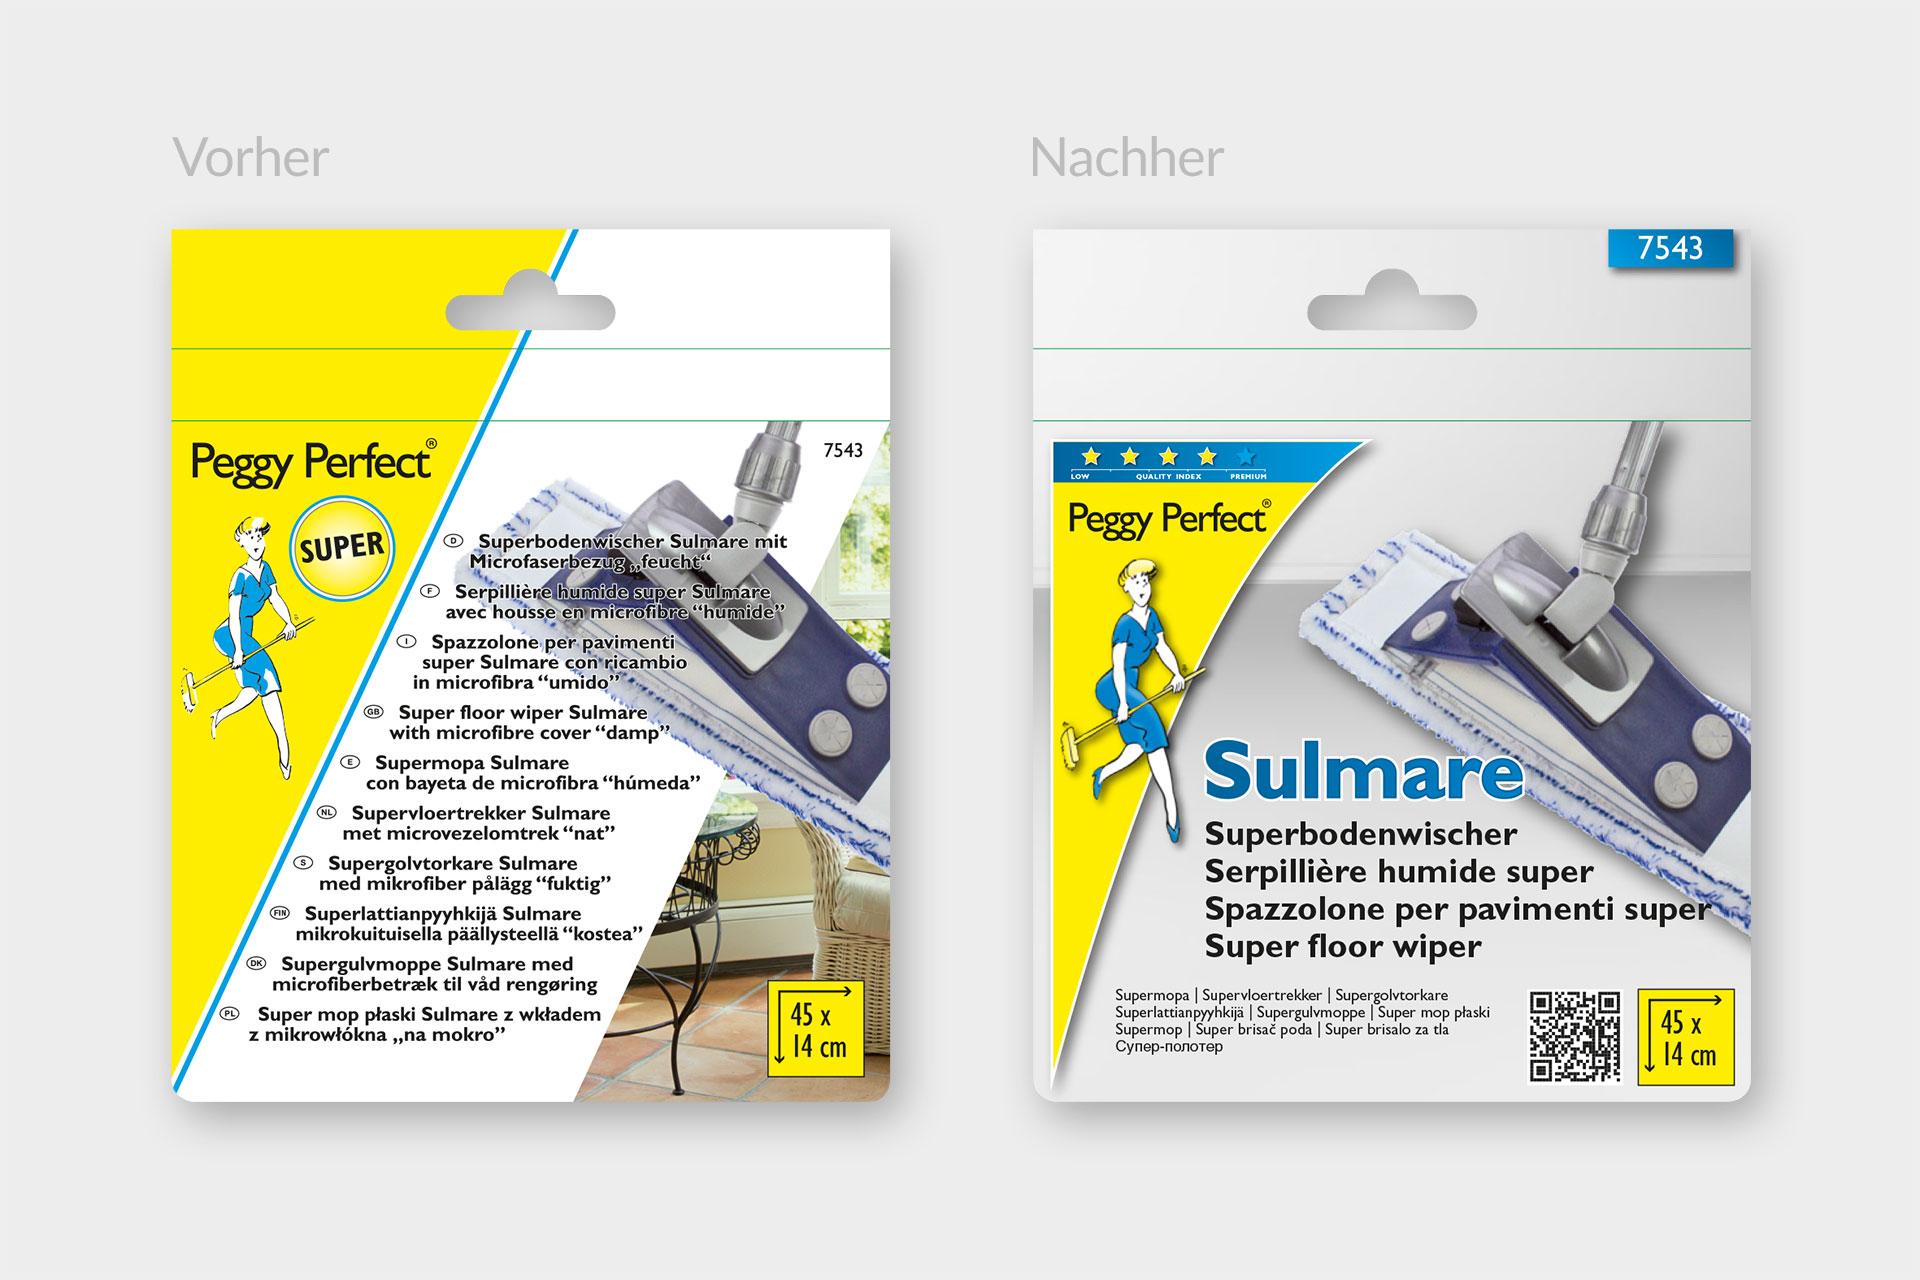 Verpackungsdesign für die Marke Peggy Perfect von Maier Haushaltspflege, Darstellung von vorher-nachher Verpackungsdesign